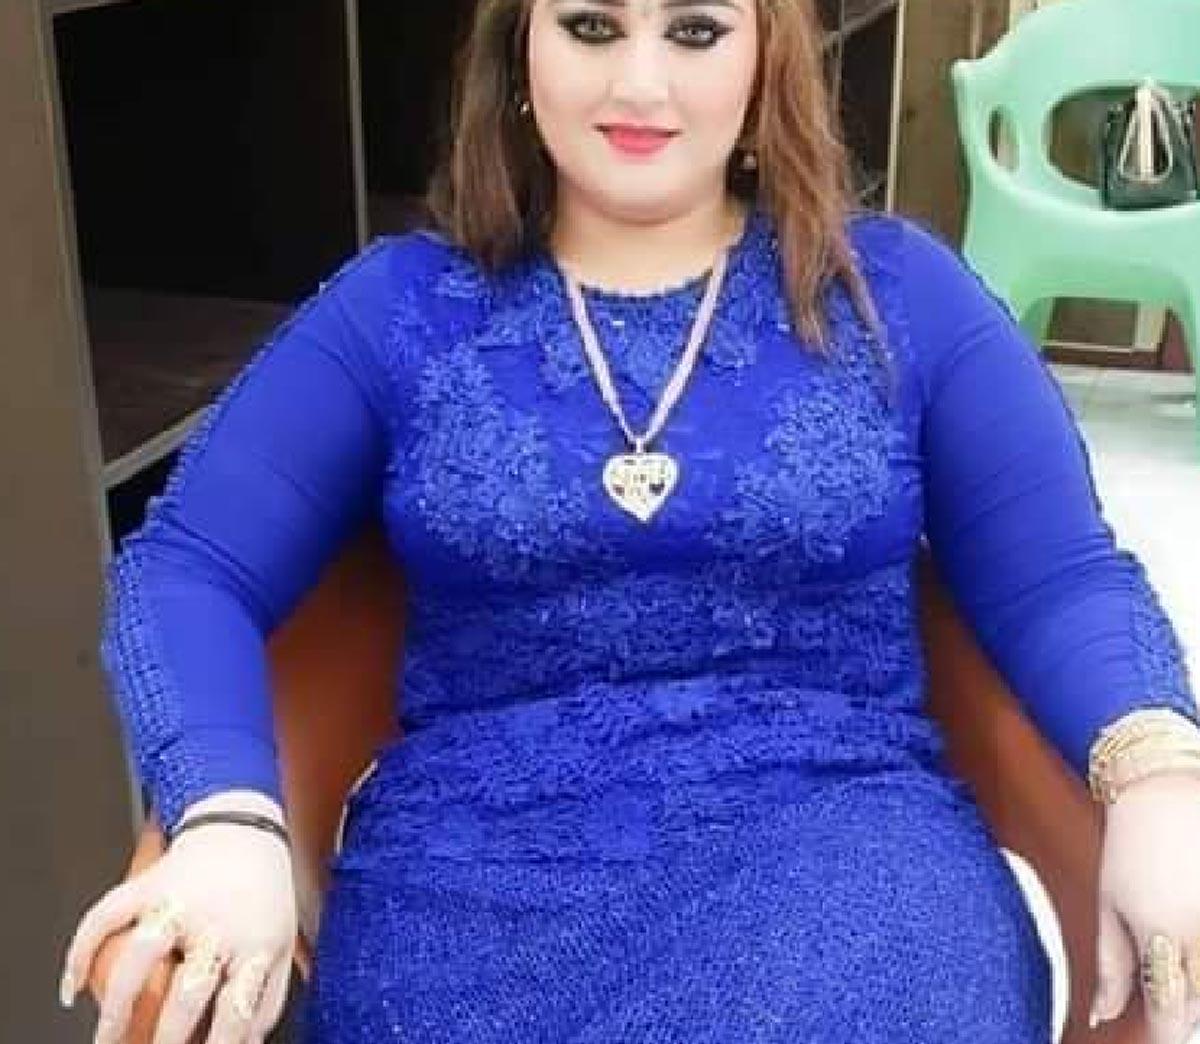 رجل اعمال يبحث عن زوجة - موقع زواج عربي مجاني بدون اشتراكات